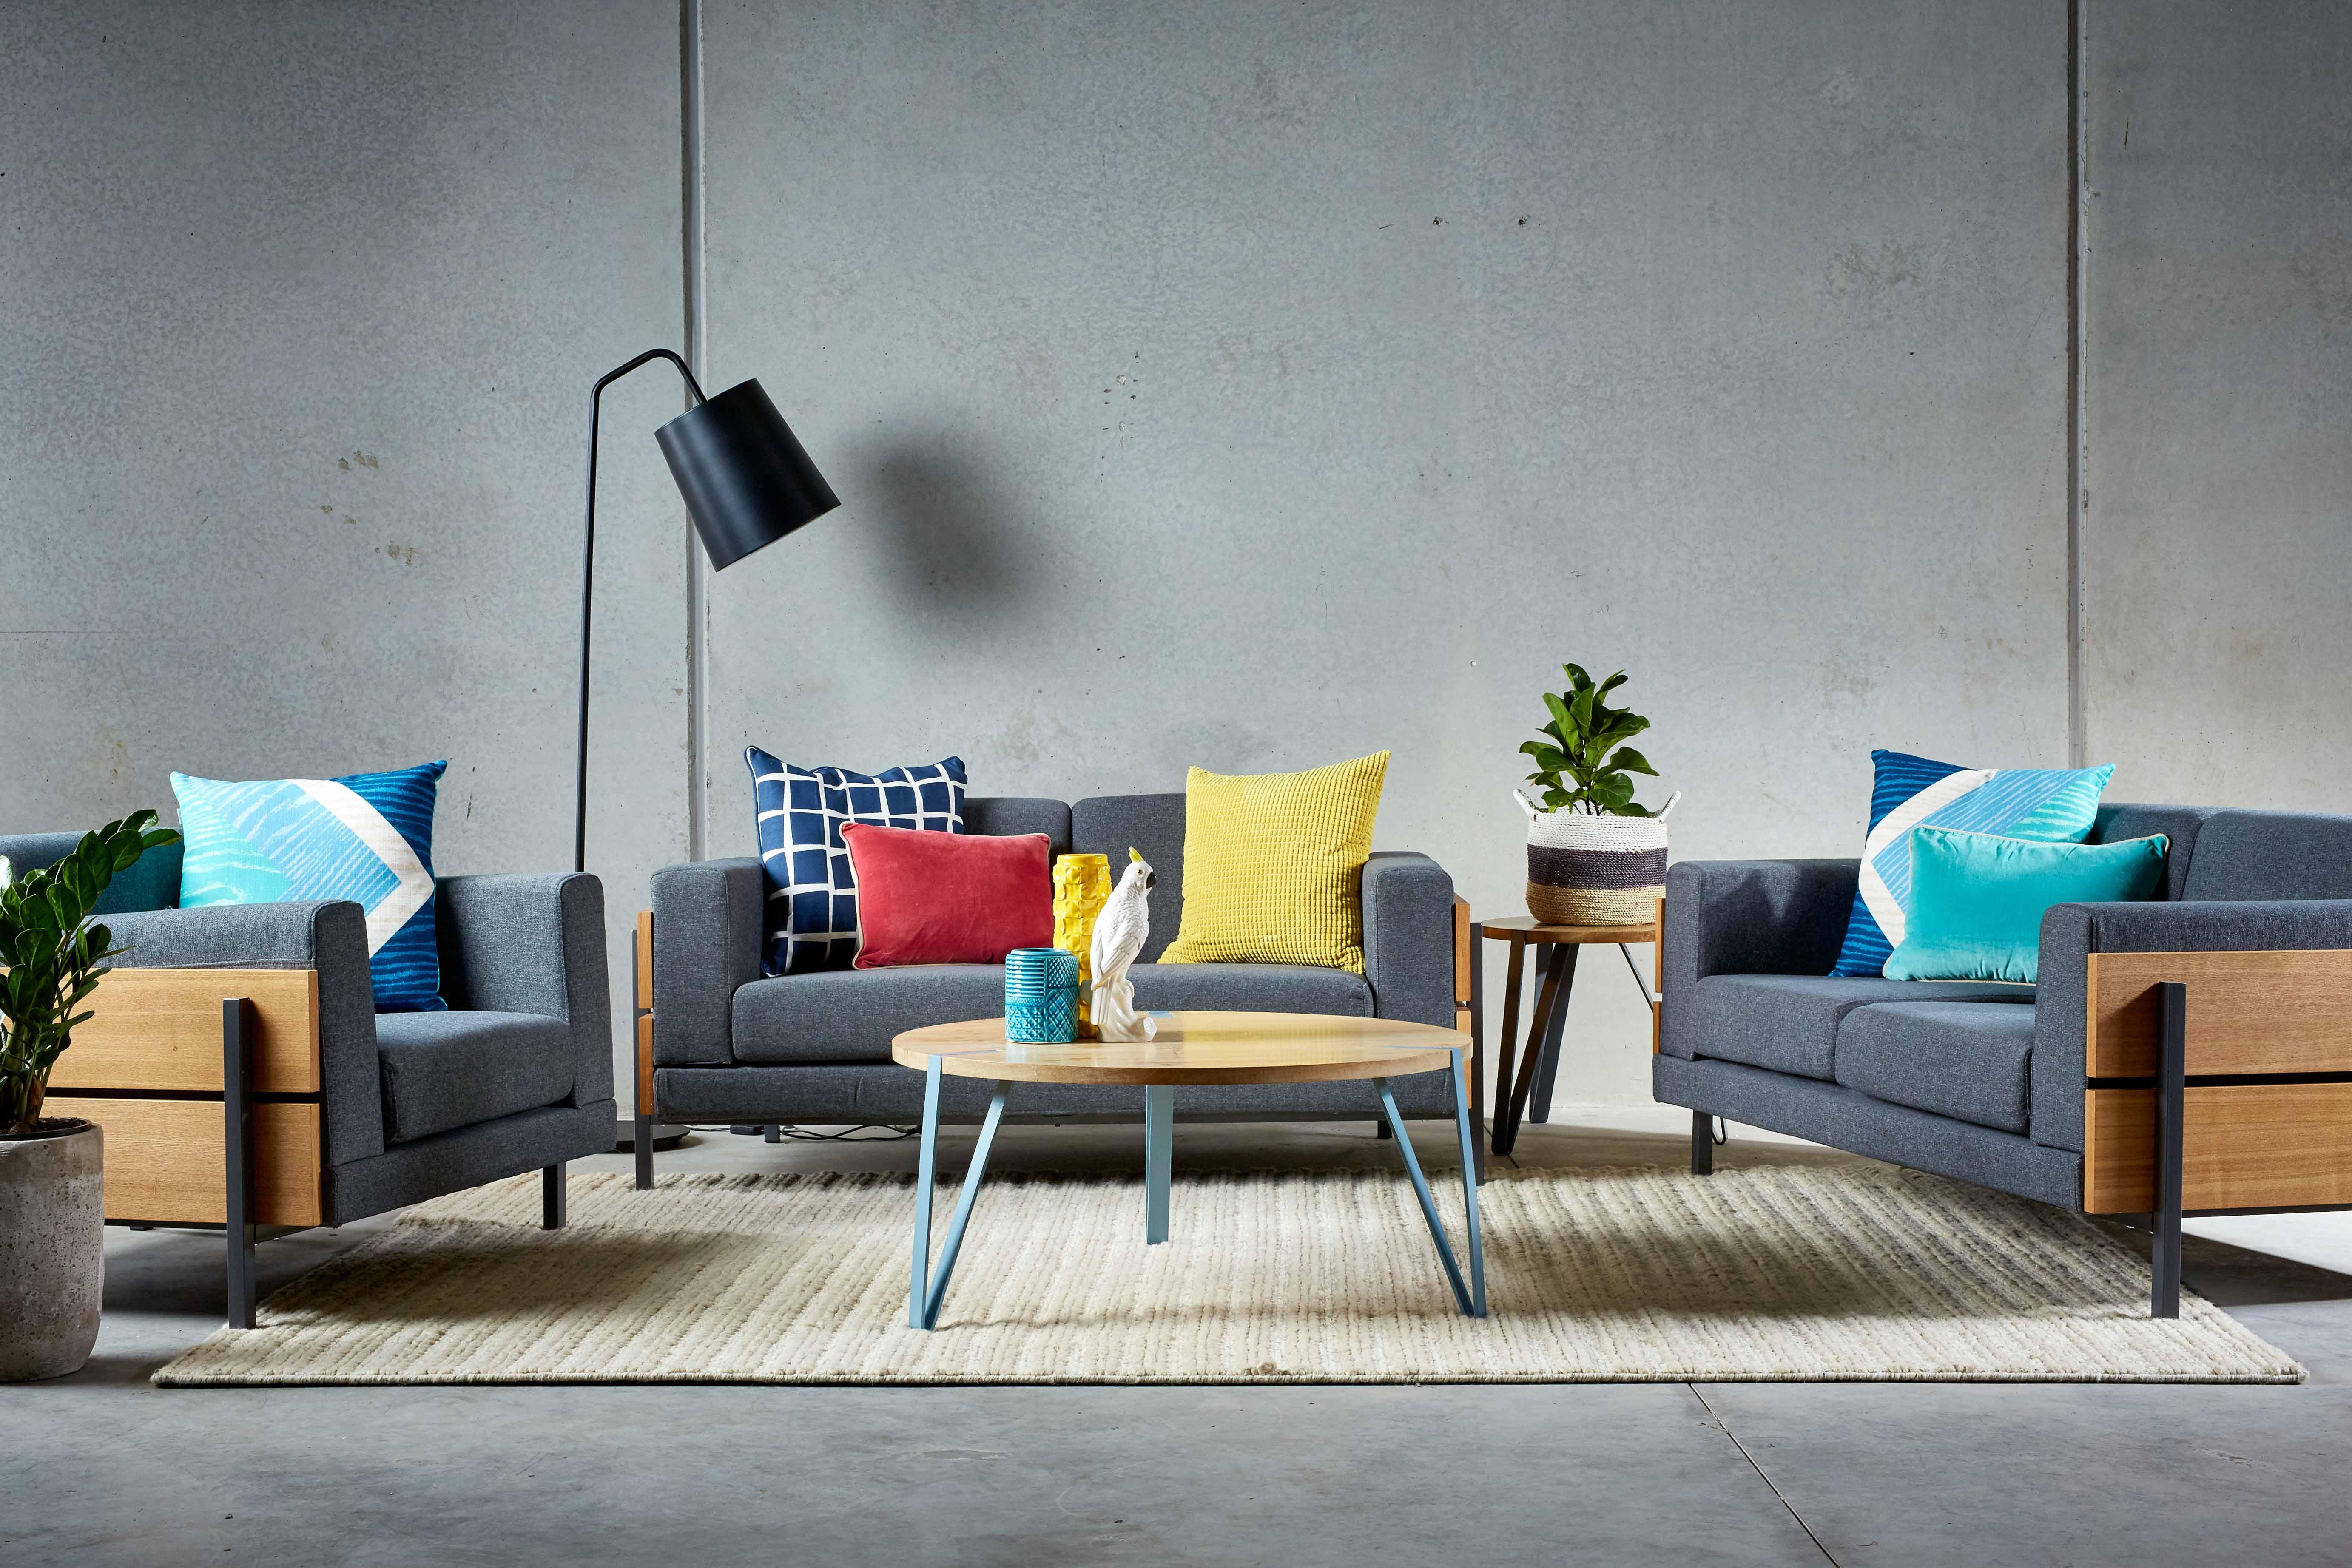 robin day replica sofa - 2 seater - jim's interior design